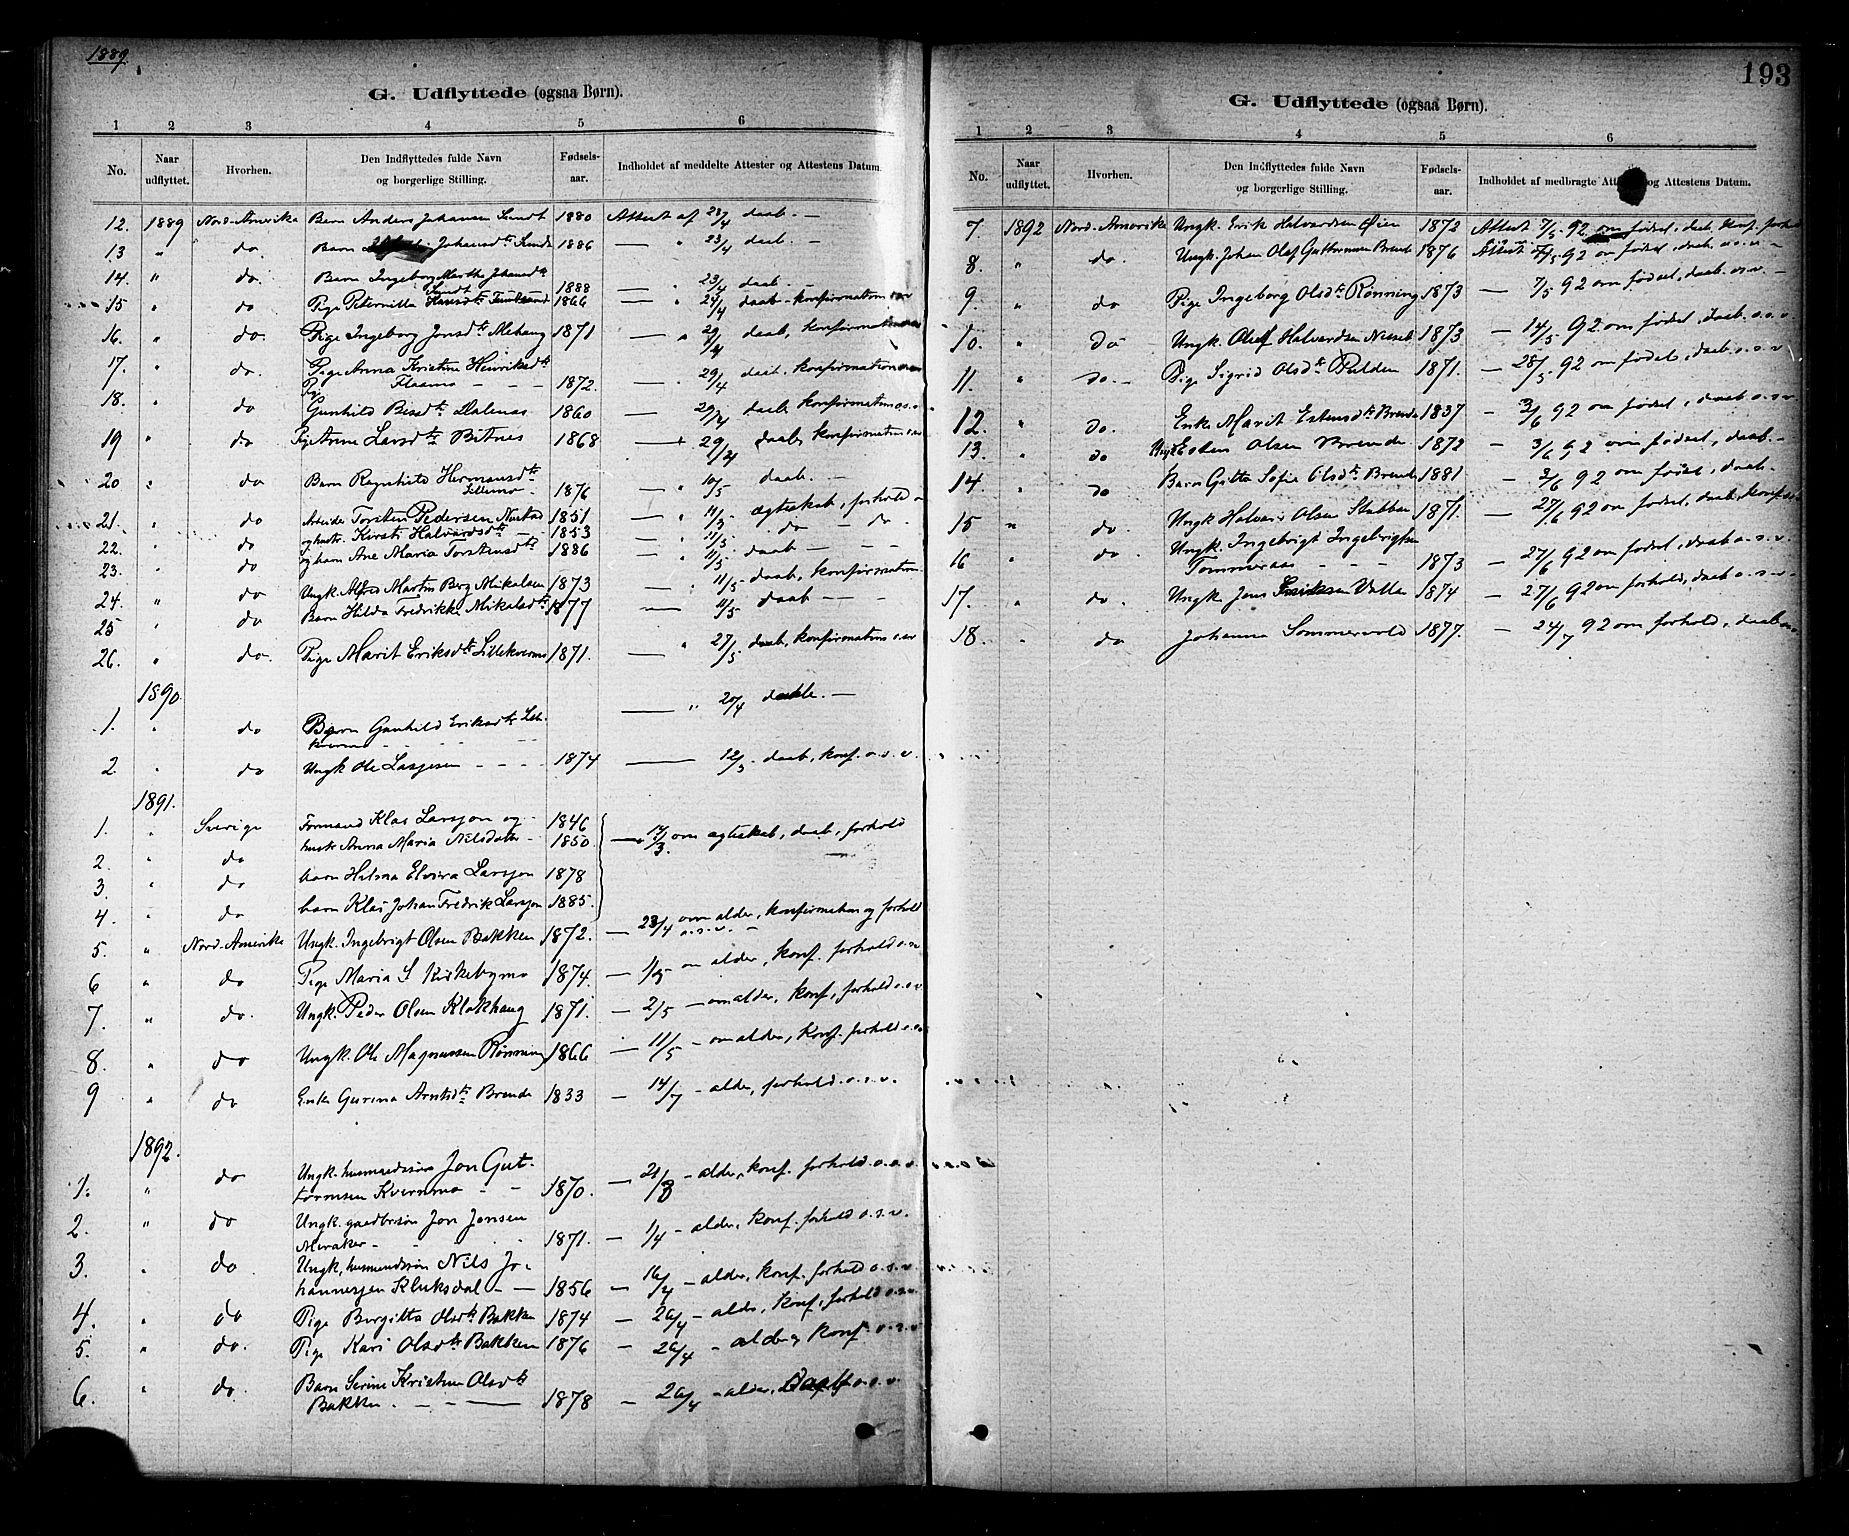 SAT, Ministerialprotokoller, klokkerbøker og fødselsregistre - Nord-Trøndelag, 706/L0047: Ministerialbok nr. 706A03, 1878-1892, s. 193